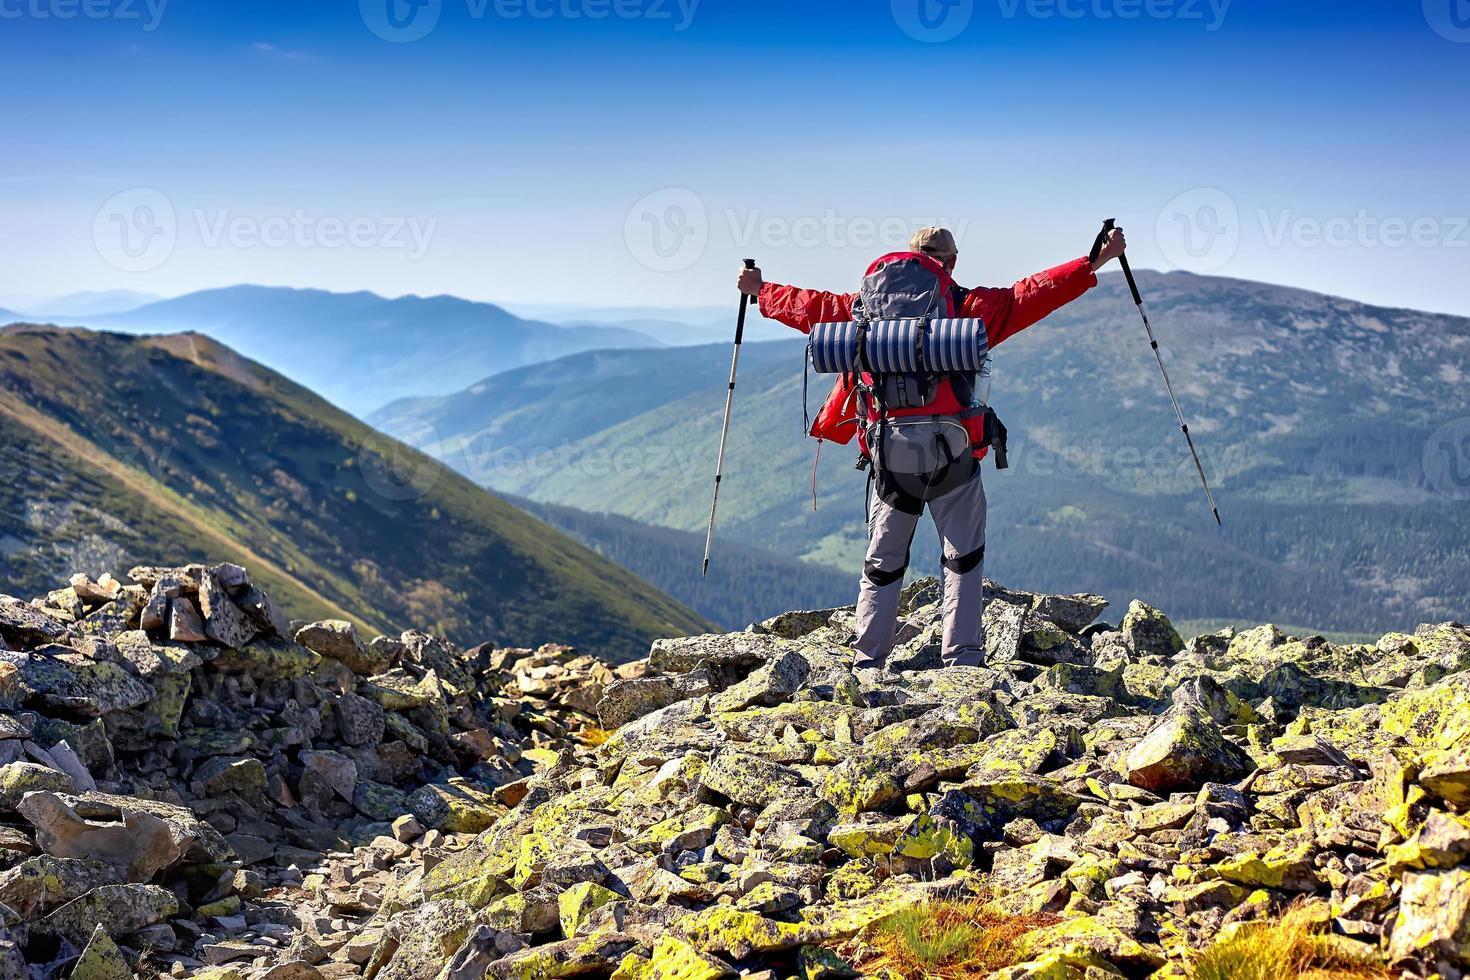 randonneur avec sac à dos, debout dans les montagnes et profiter de la v photo